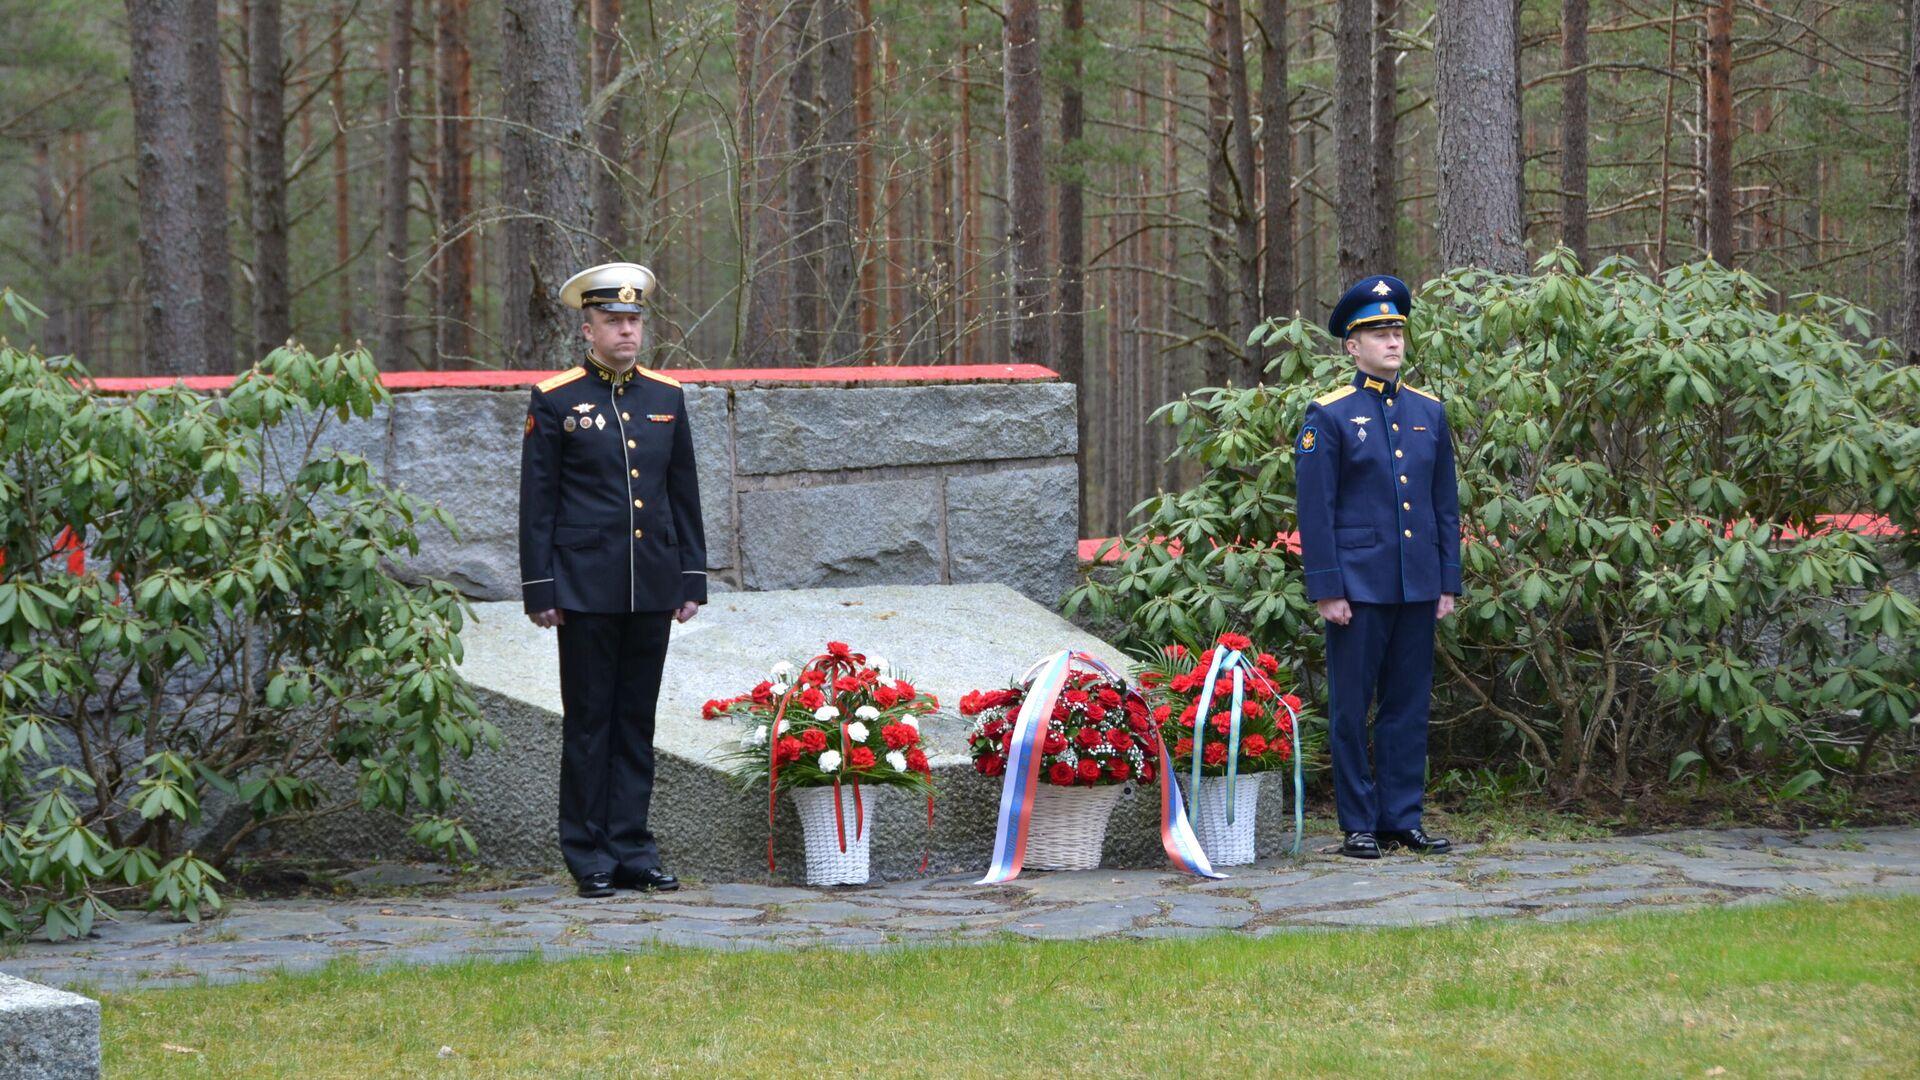 Торжественная церемония возложения цветов к монументу павшим советским воинам в Ханко, Финляндия - РИА Новости, 1920, 09.05.2021